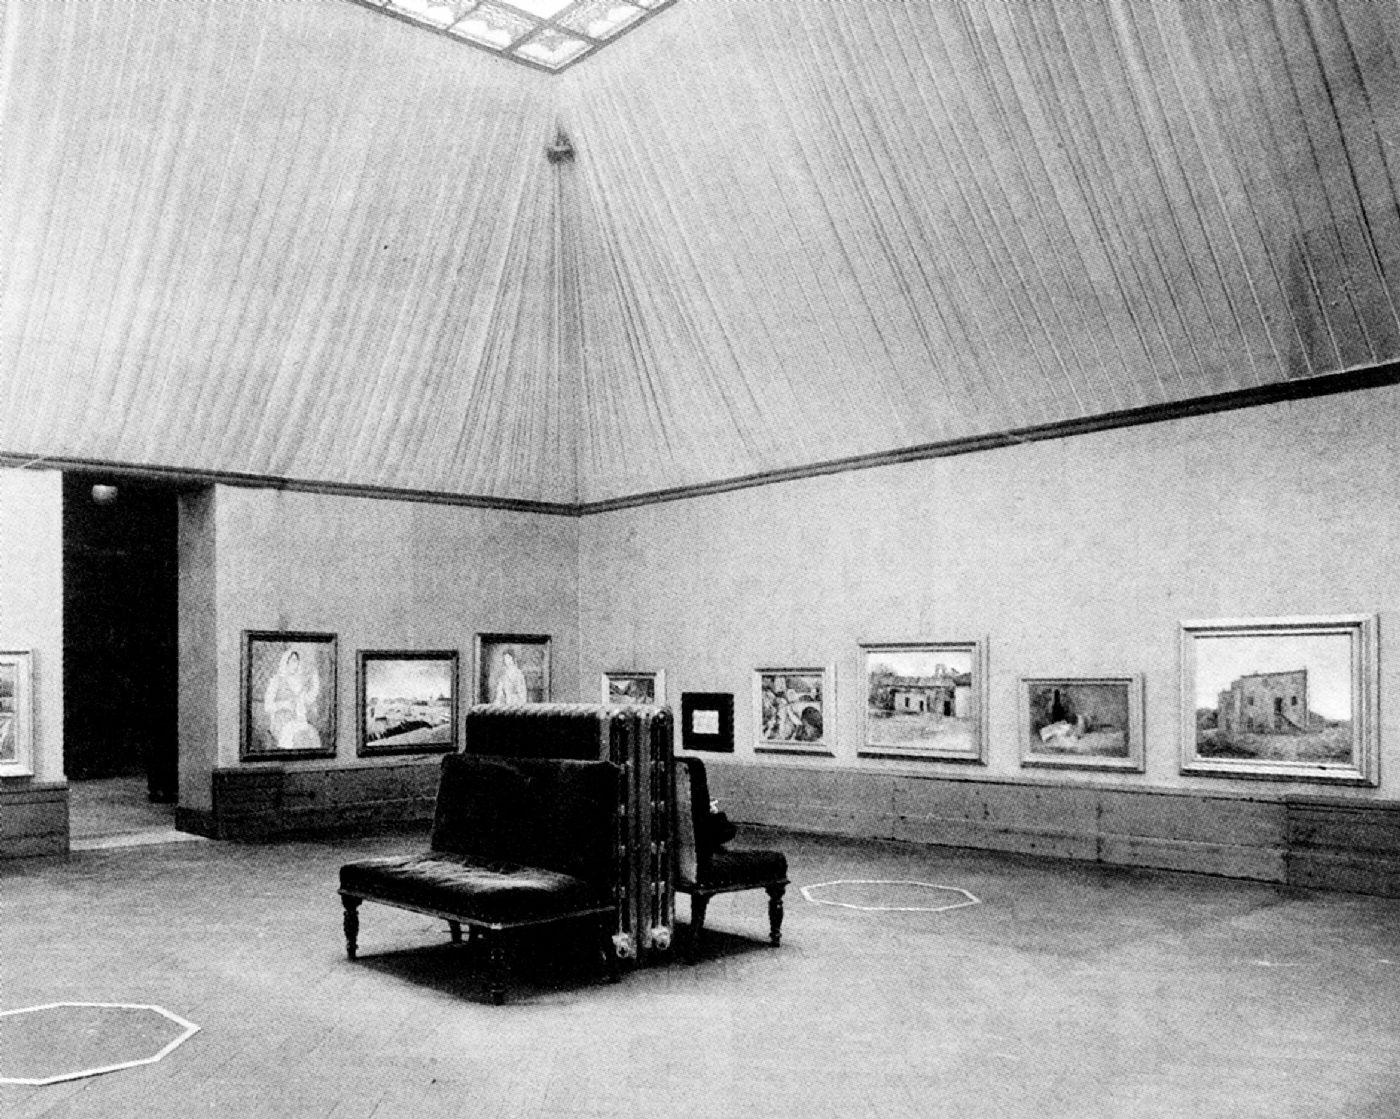 thumb3|La Canzone, 1929